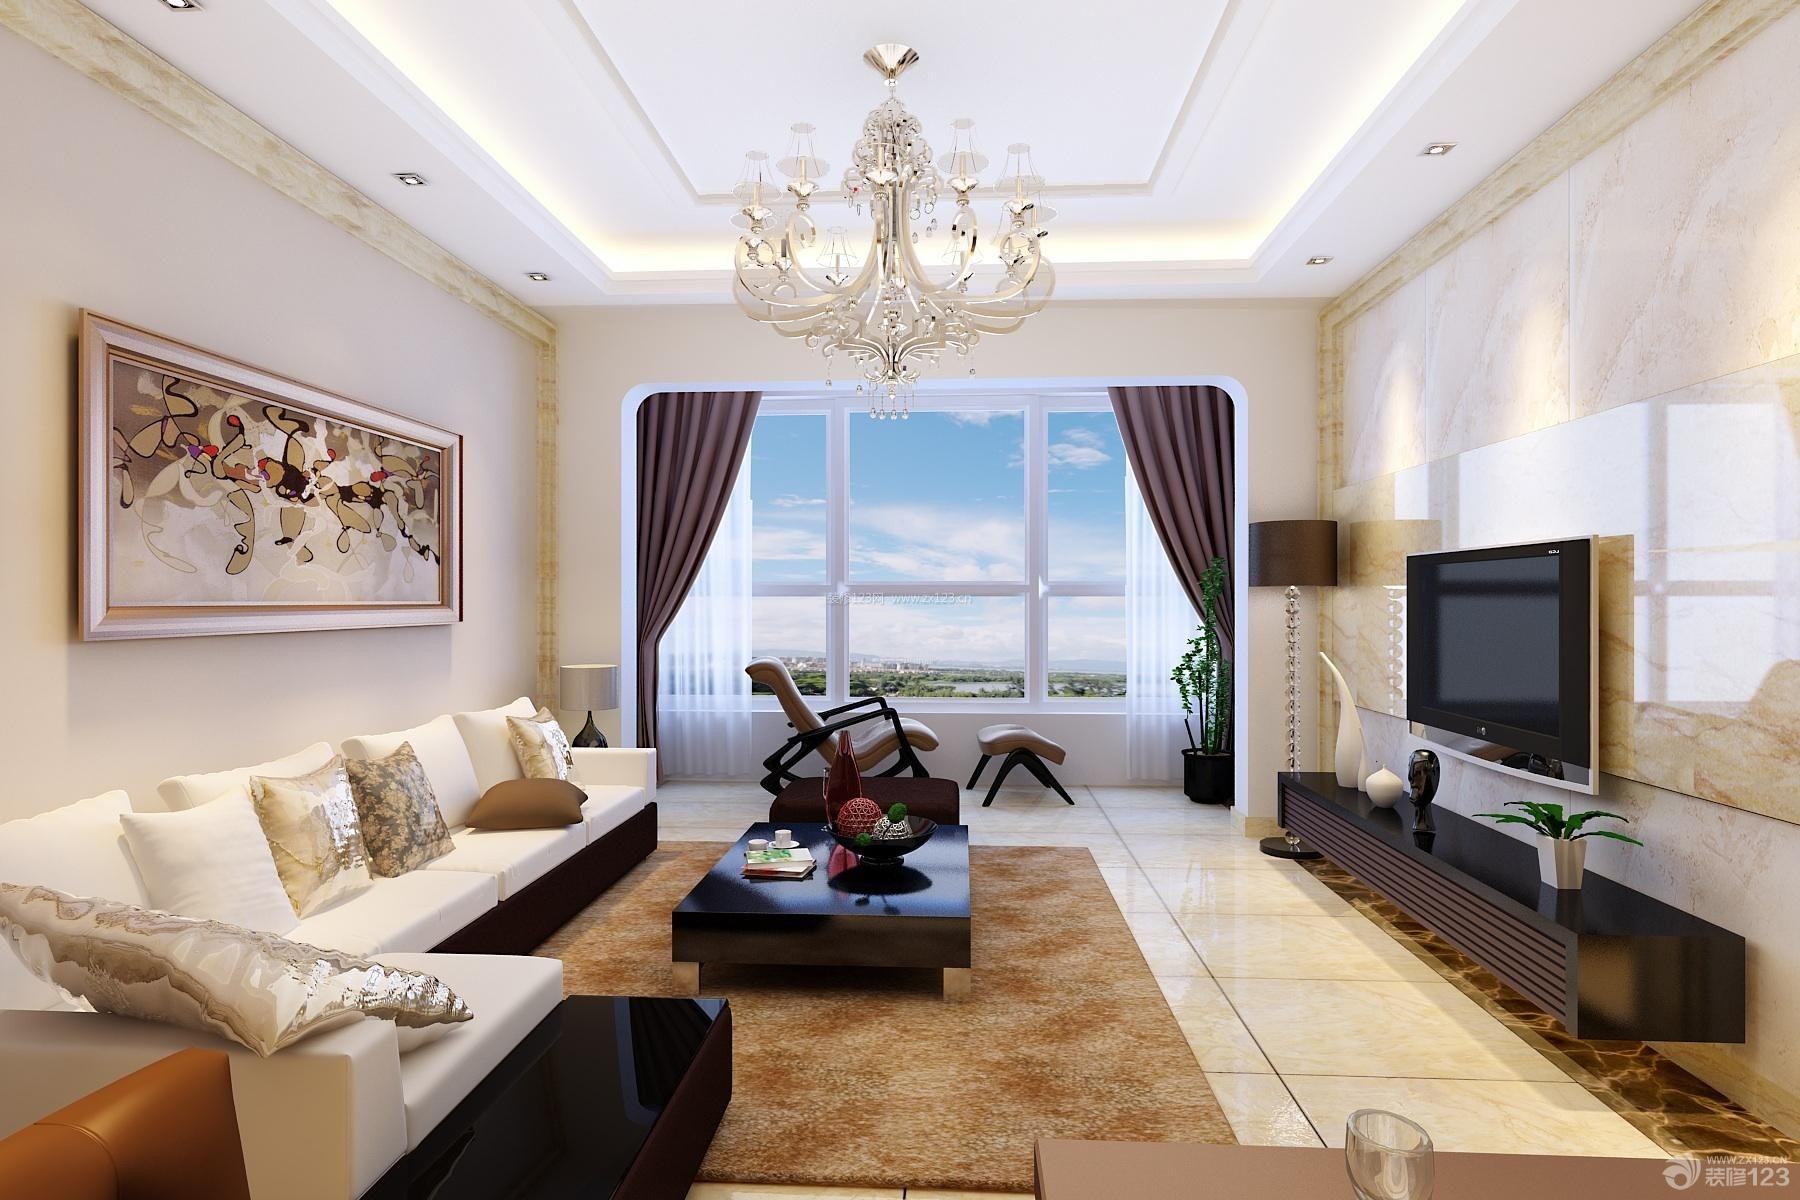 现代设计风格客厅瓷砖背景墙装修效果图